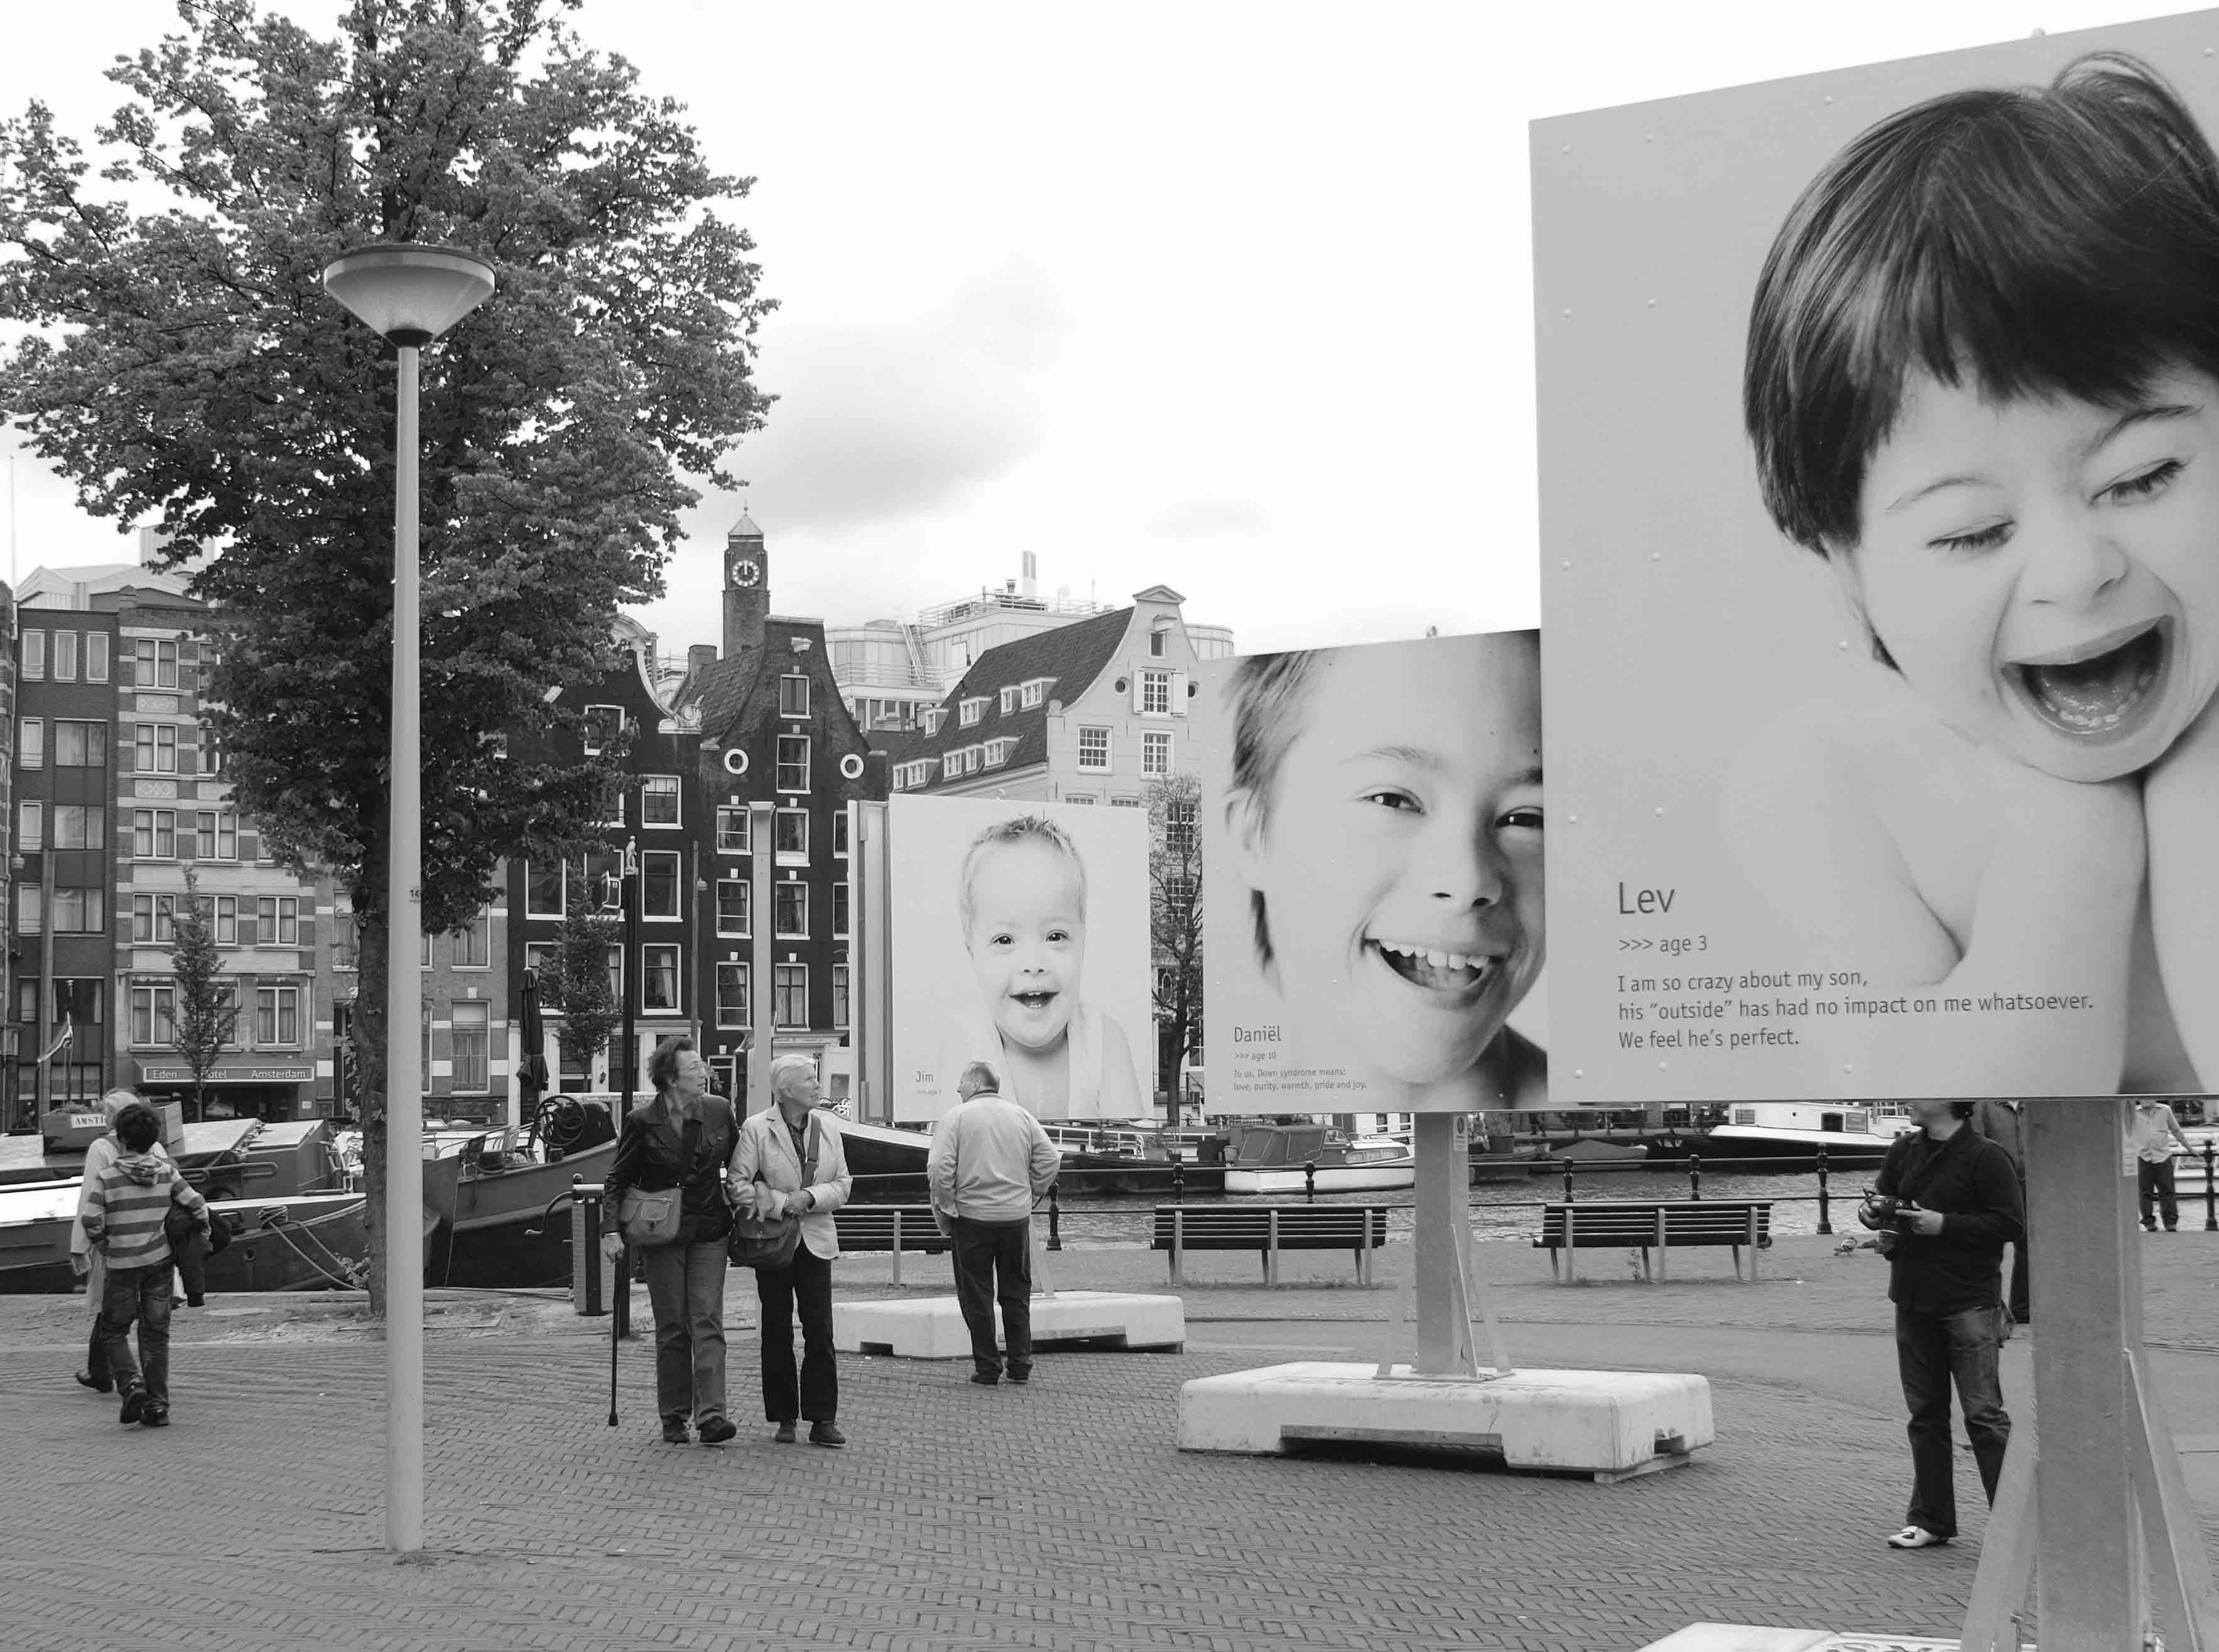 【アムステルダム】 人生かくも麗しく_b0148617_16403913.jpg